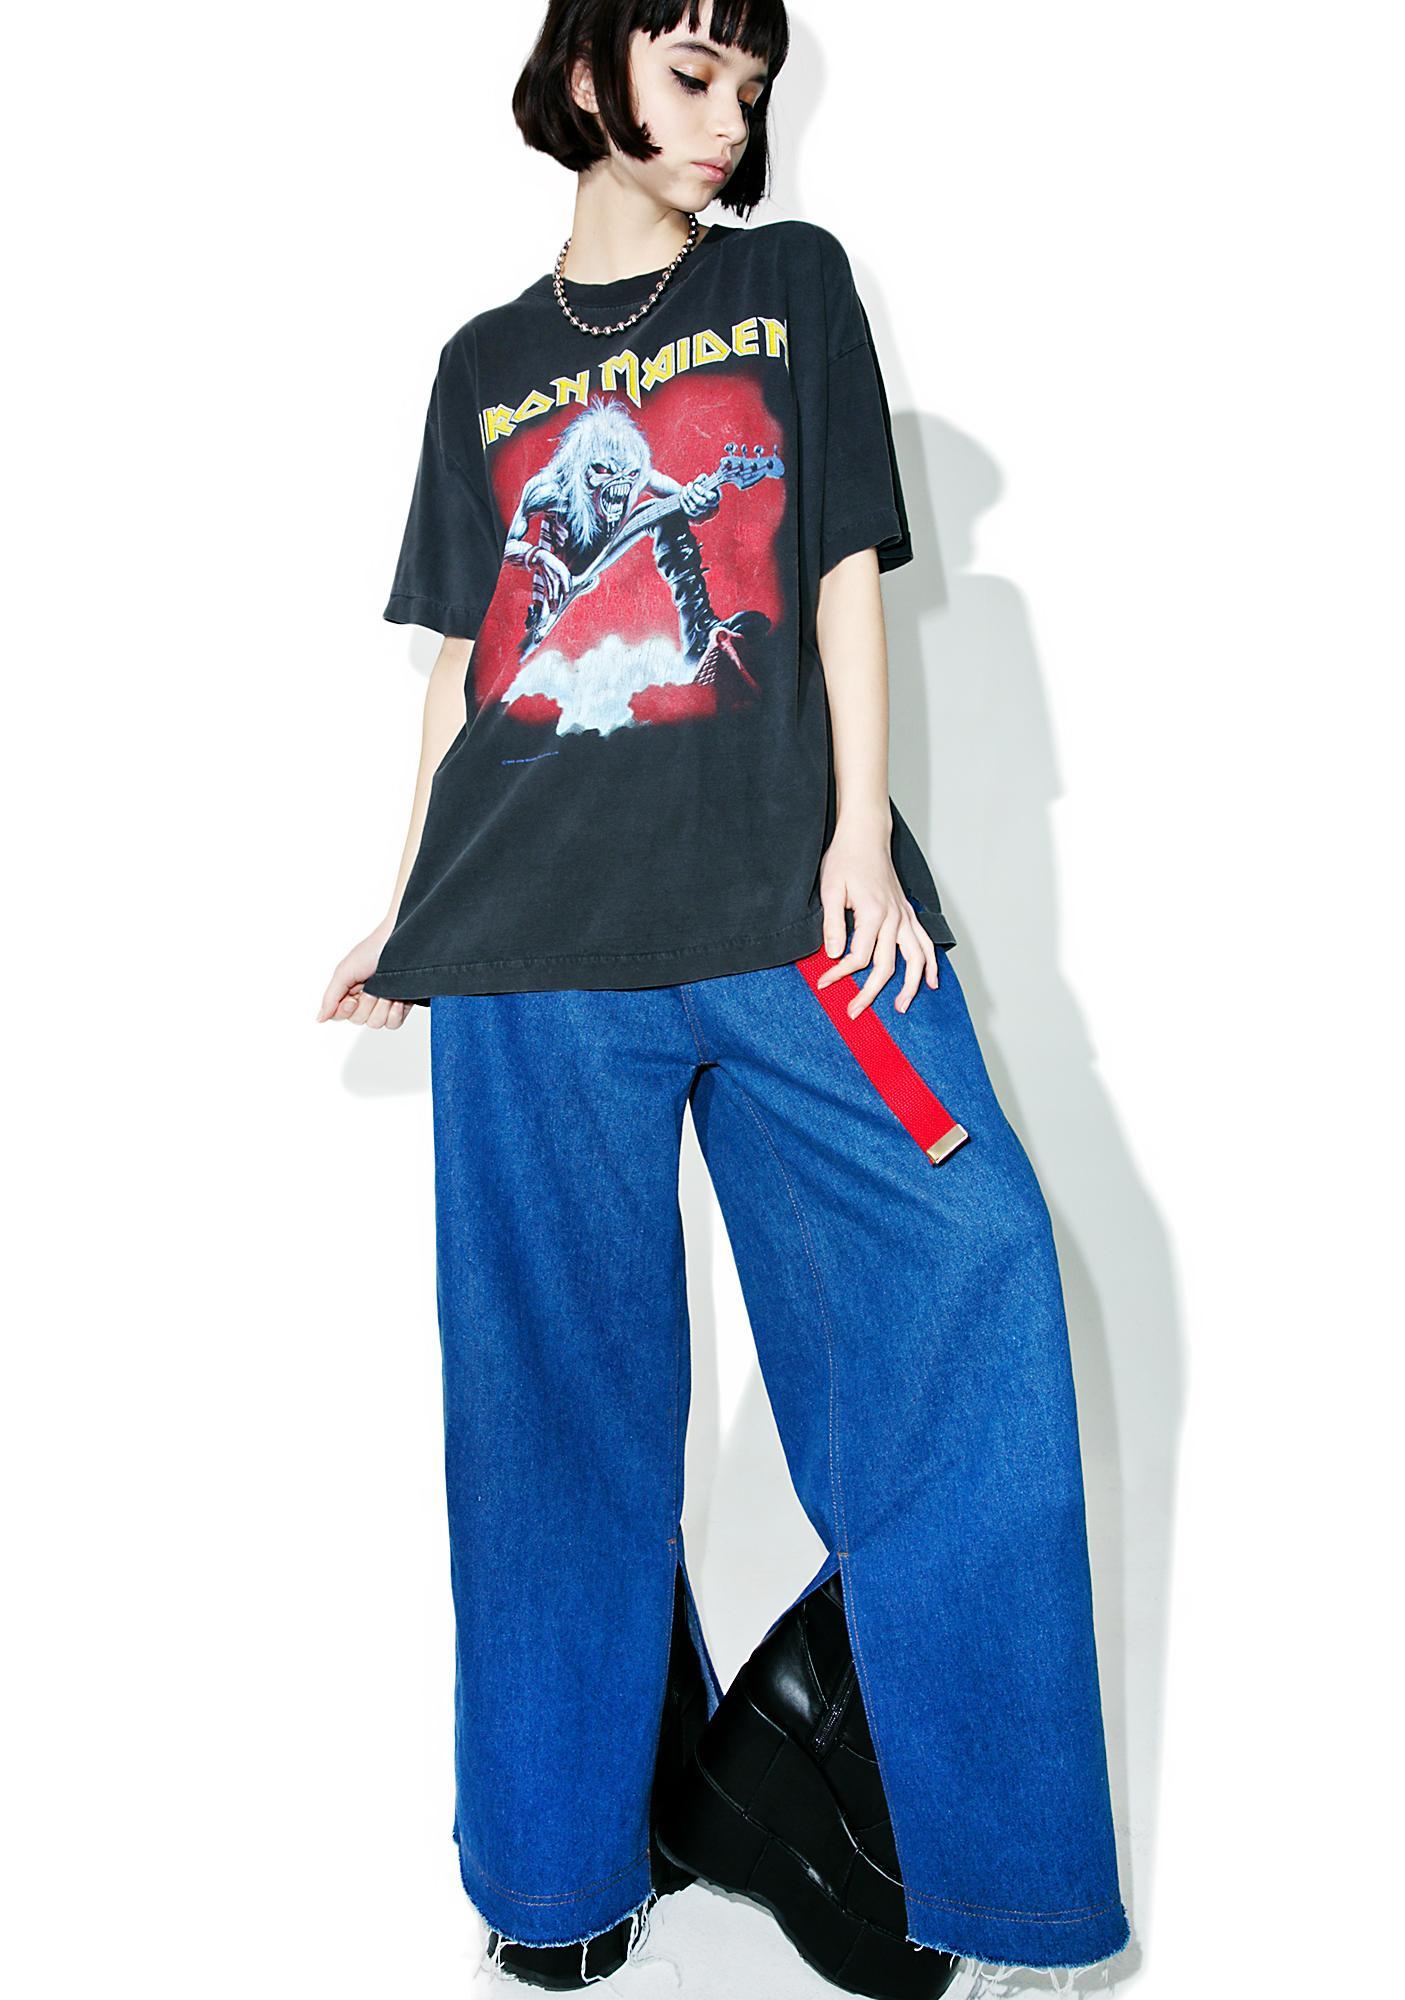 Vintage Iron Maiden '92 Tee